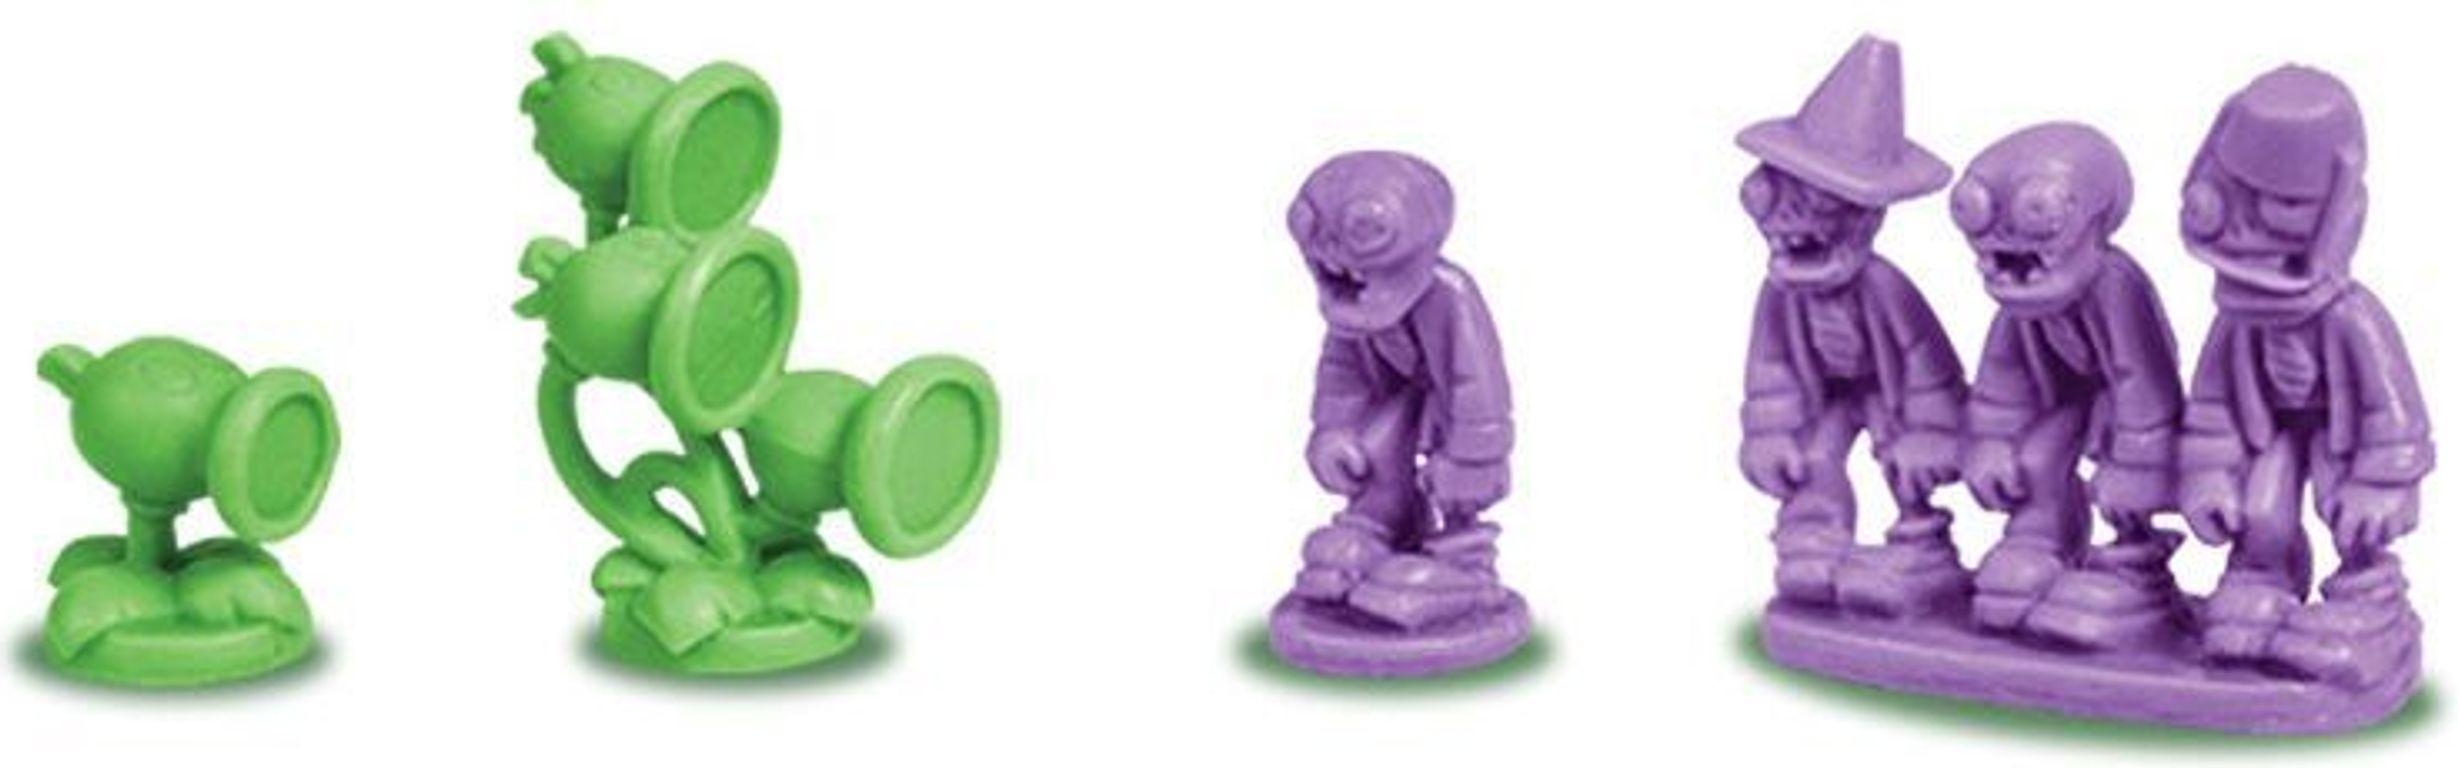 Risk: Plants vs. Zombies miniatures